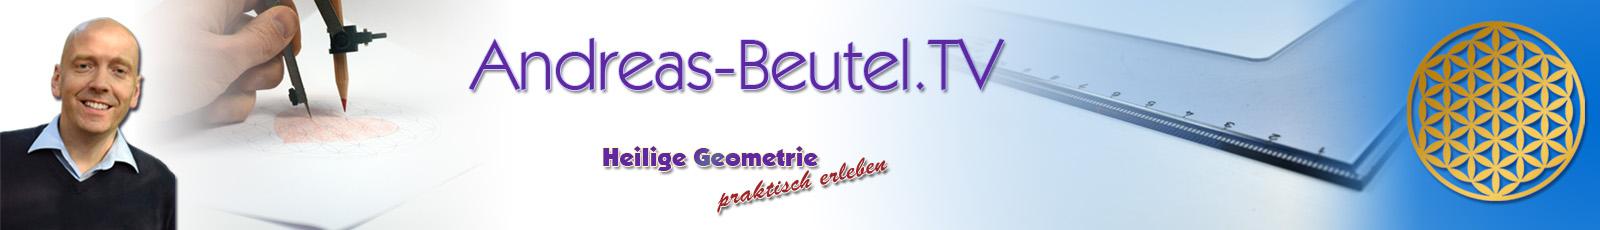 Andreas Beutel TV Herzlichen Dank